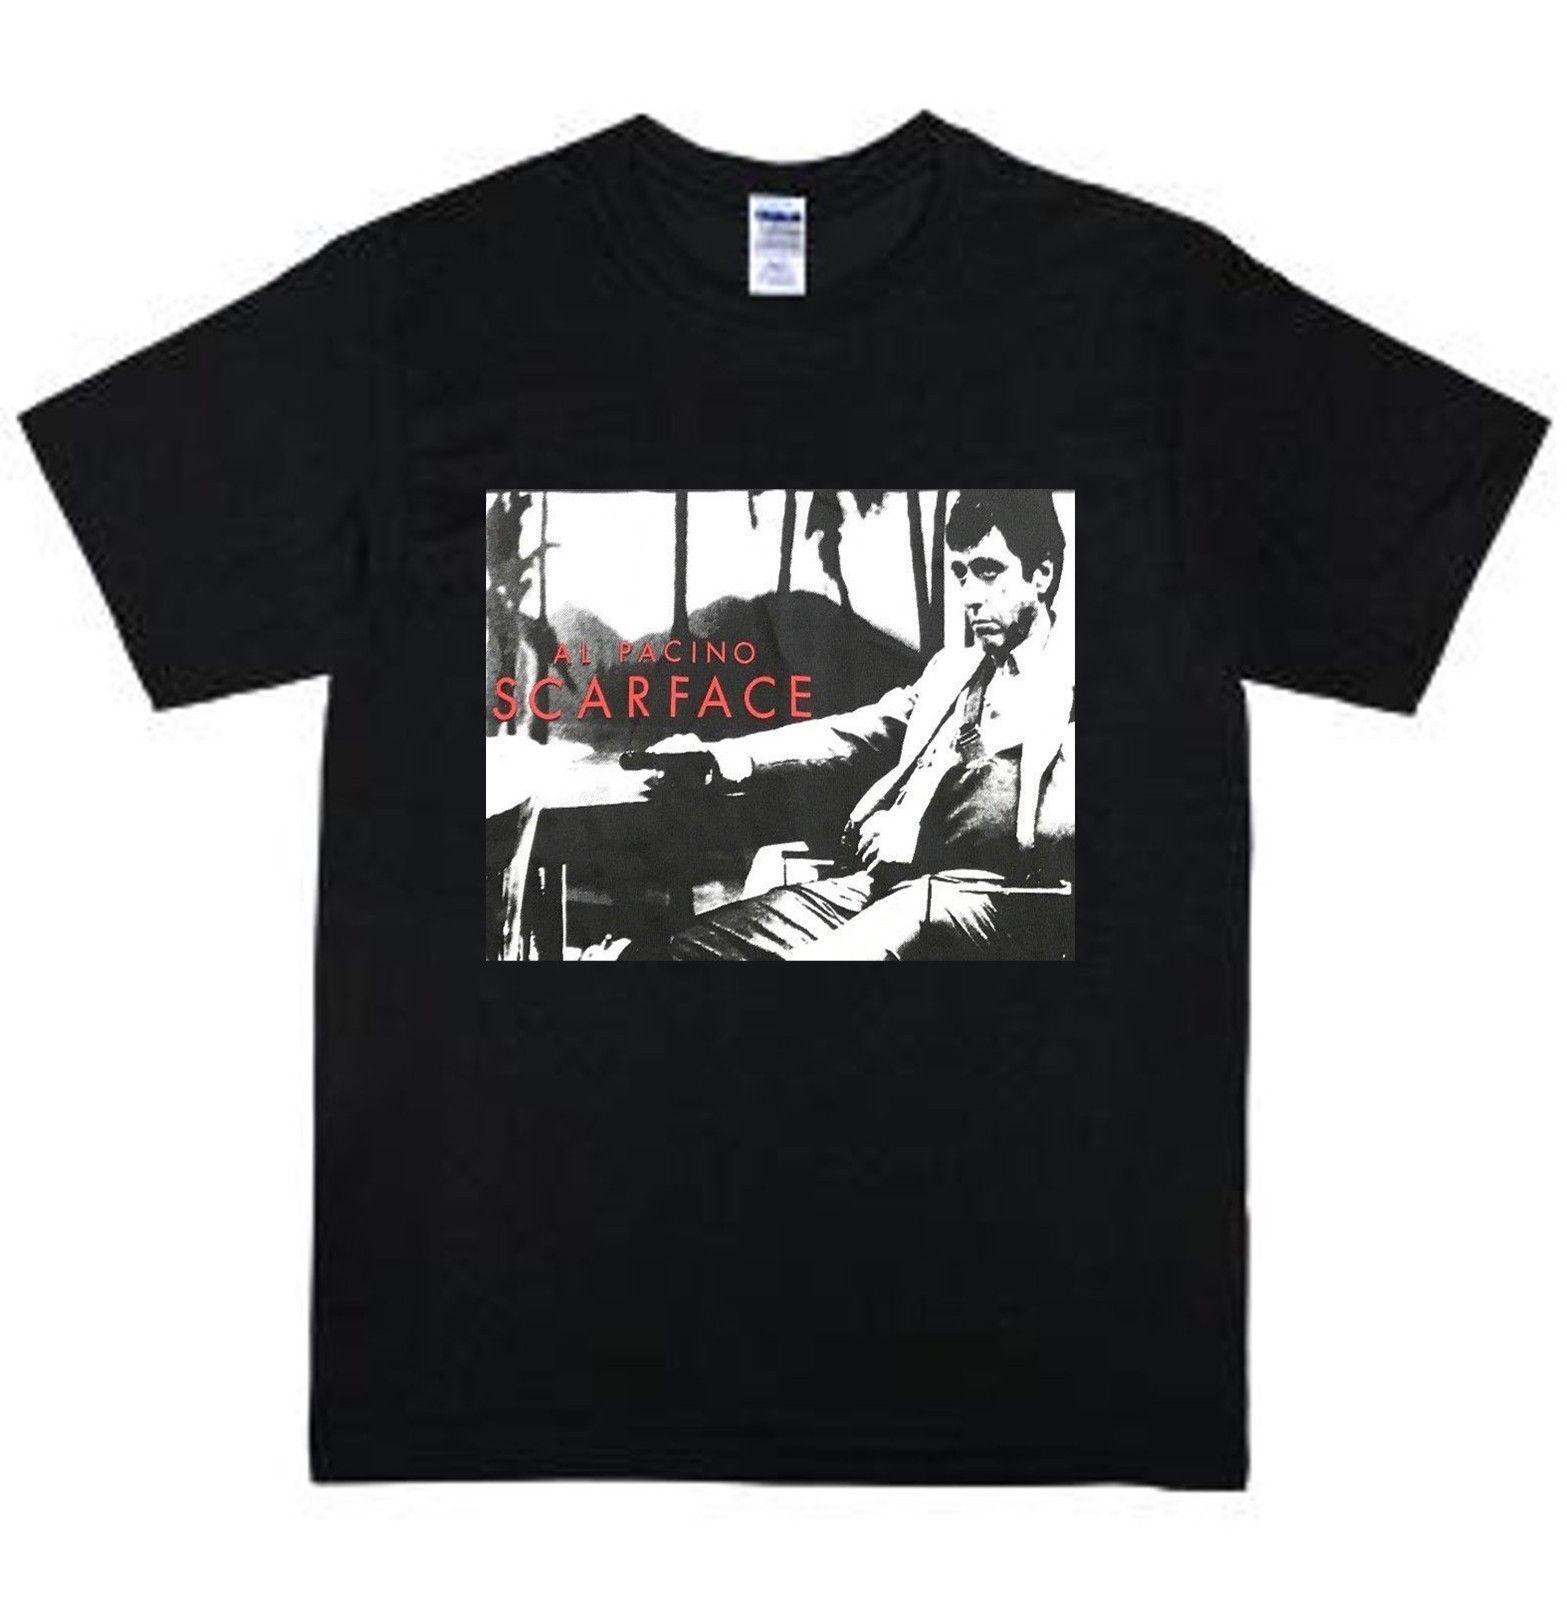 Vintage Al Pacino negro Scarface película promocional Rap Hip Hop para hombres, camiseta de todo tamaño de cuello T camisa Harajuku Tops Tees de talla grande